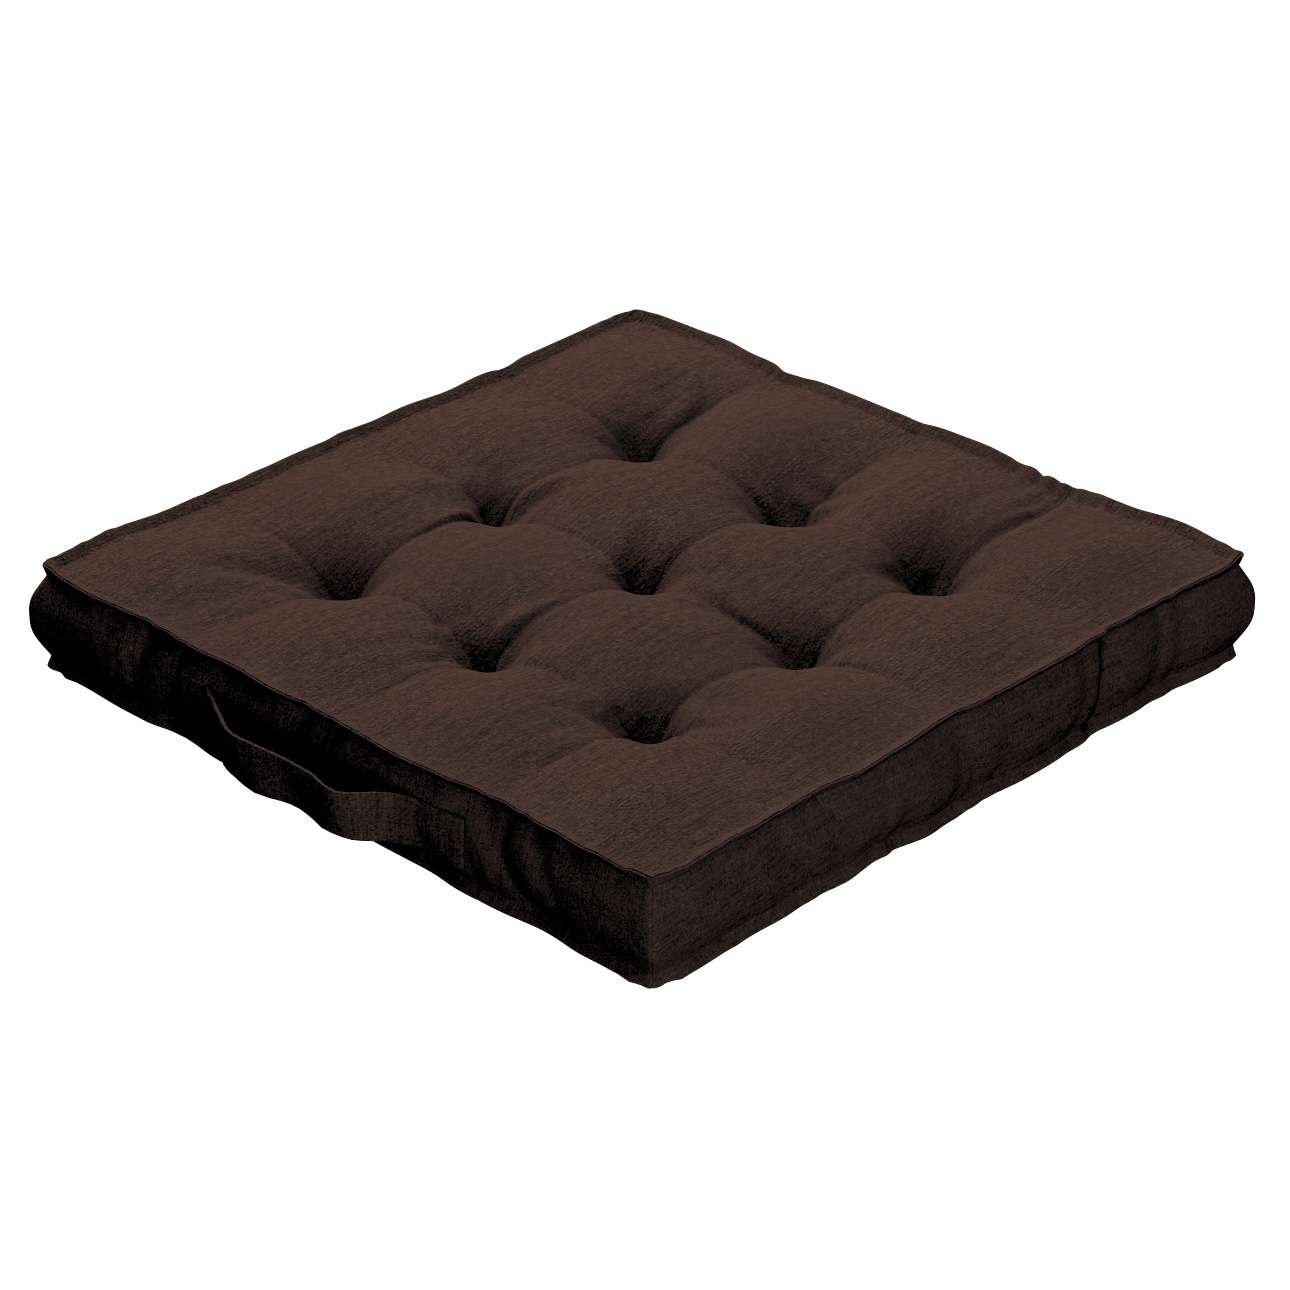 Pagalvėlė Kuba kėdei/ant grindų kolekcijoje Chenille, audinys: 702-18